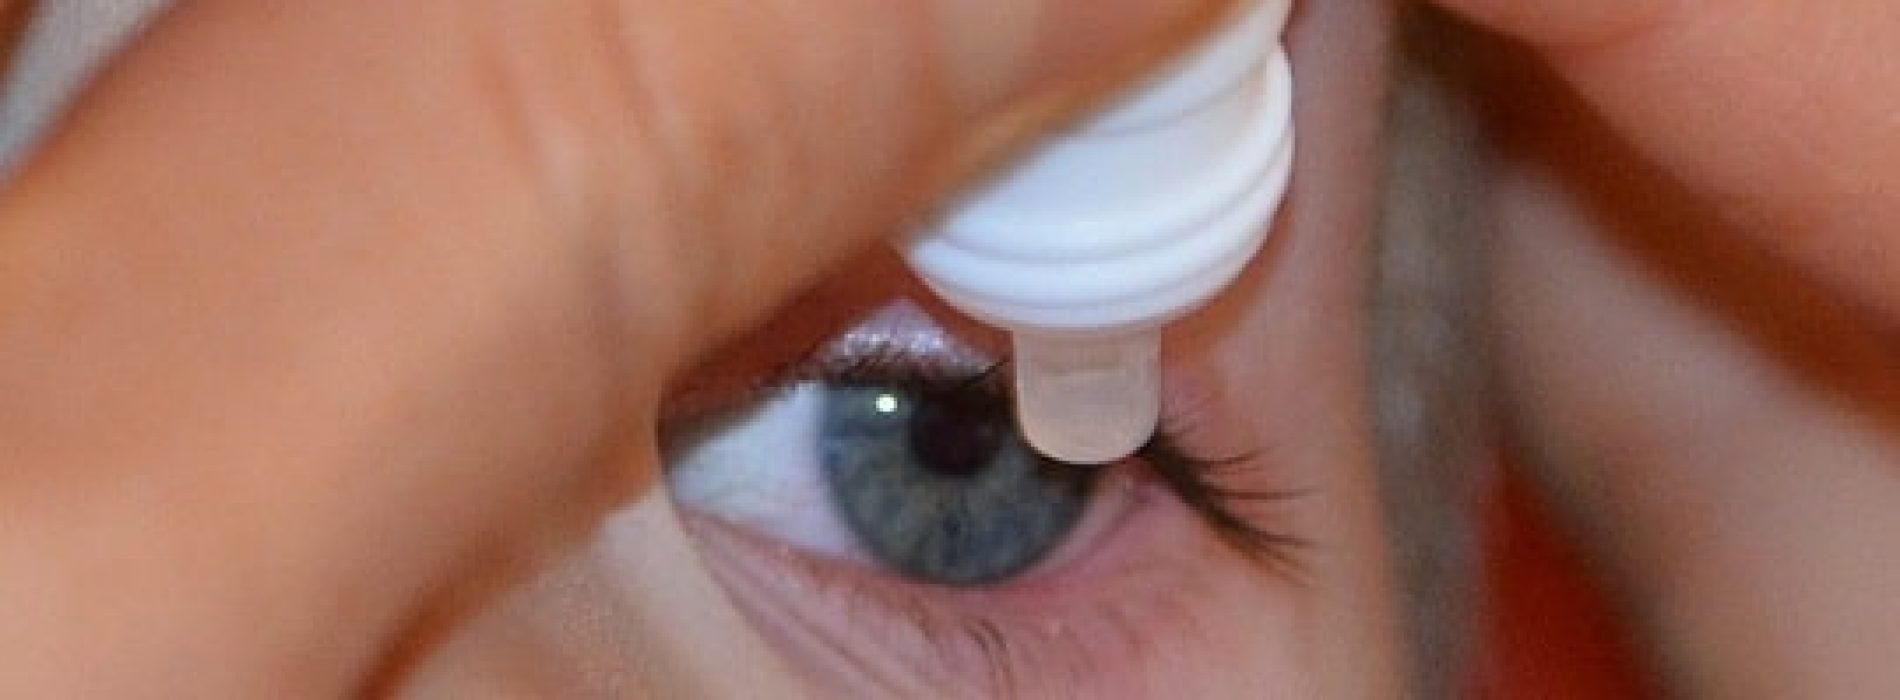 Hvordan unngå tørre øyne ved bruk av kontaktlinser?